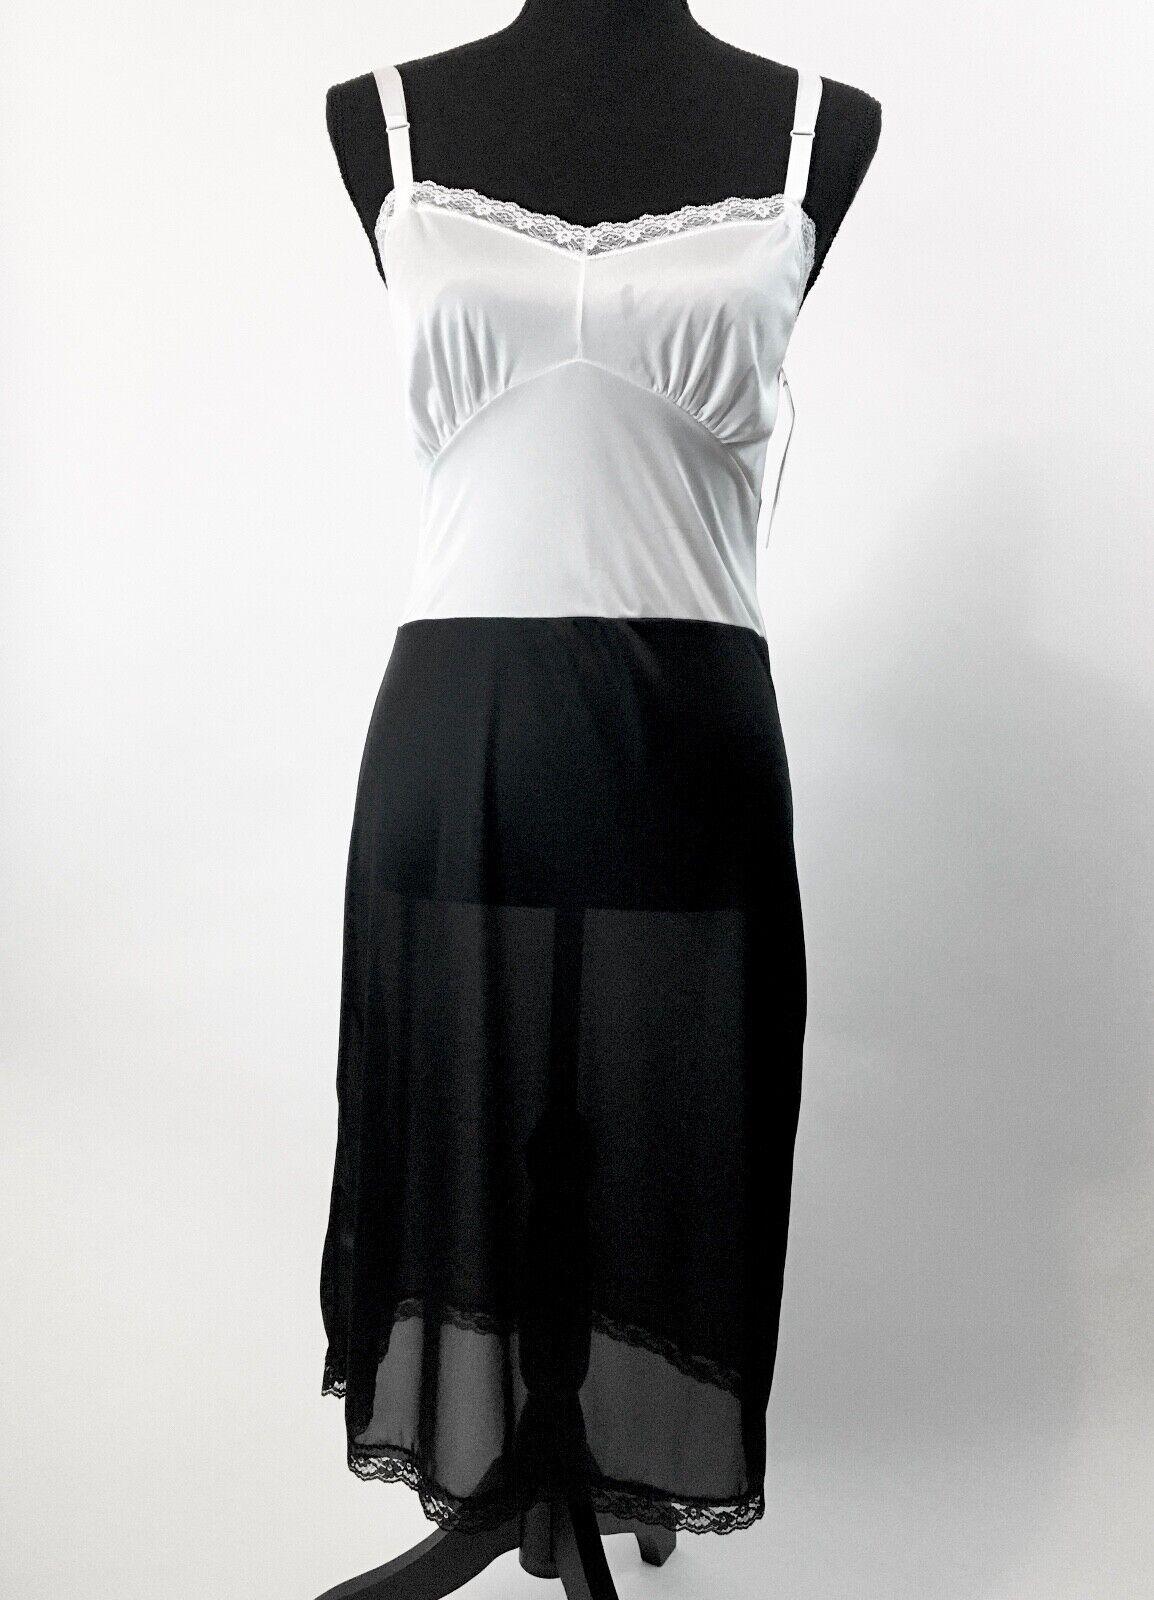 VINTAGE 80'S Slip Nancy King Lingerie Full Dress … - image 1